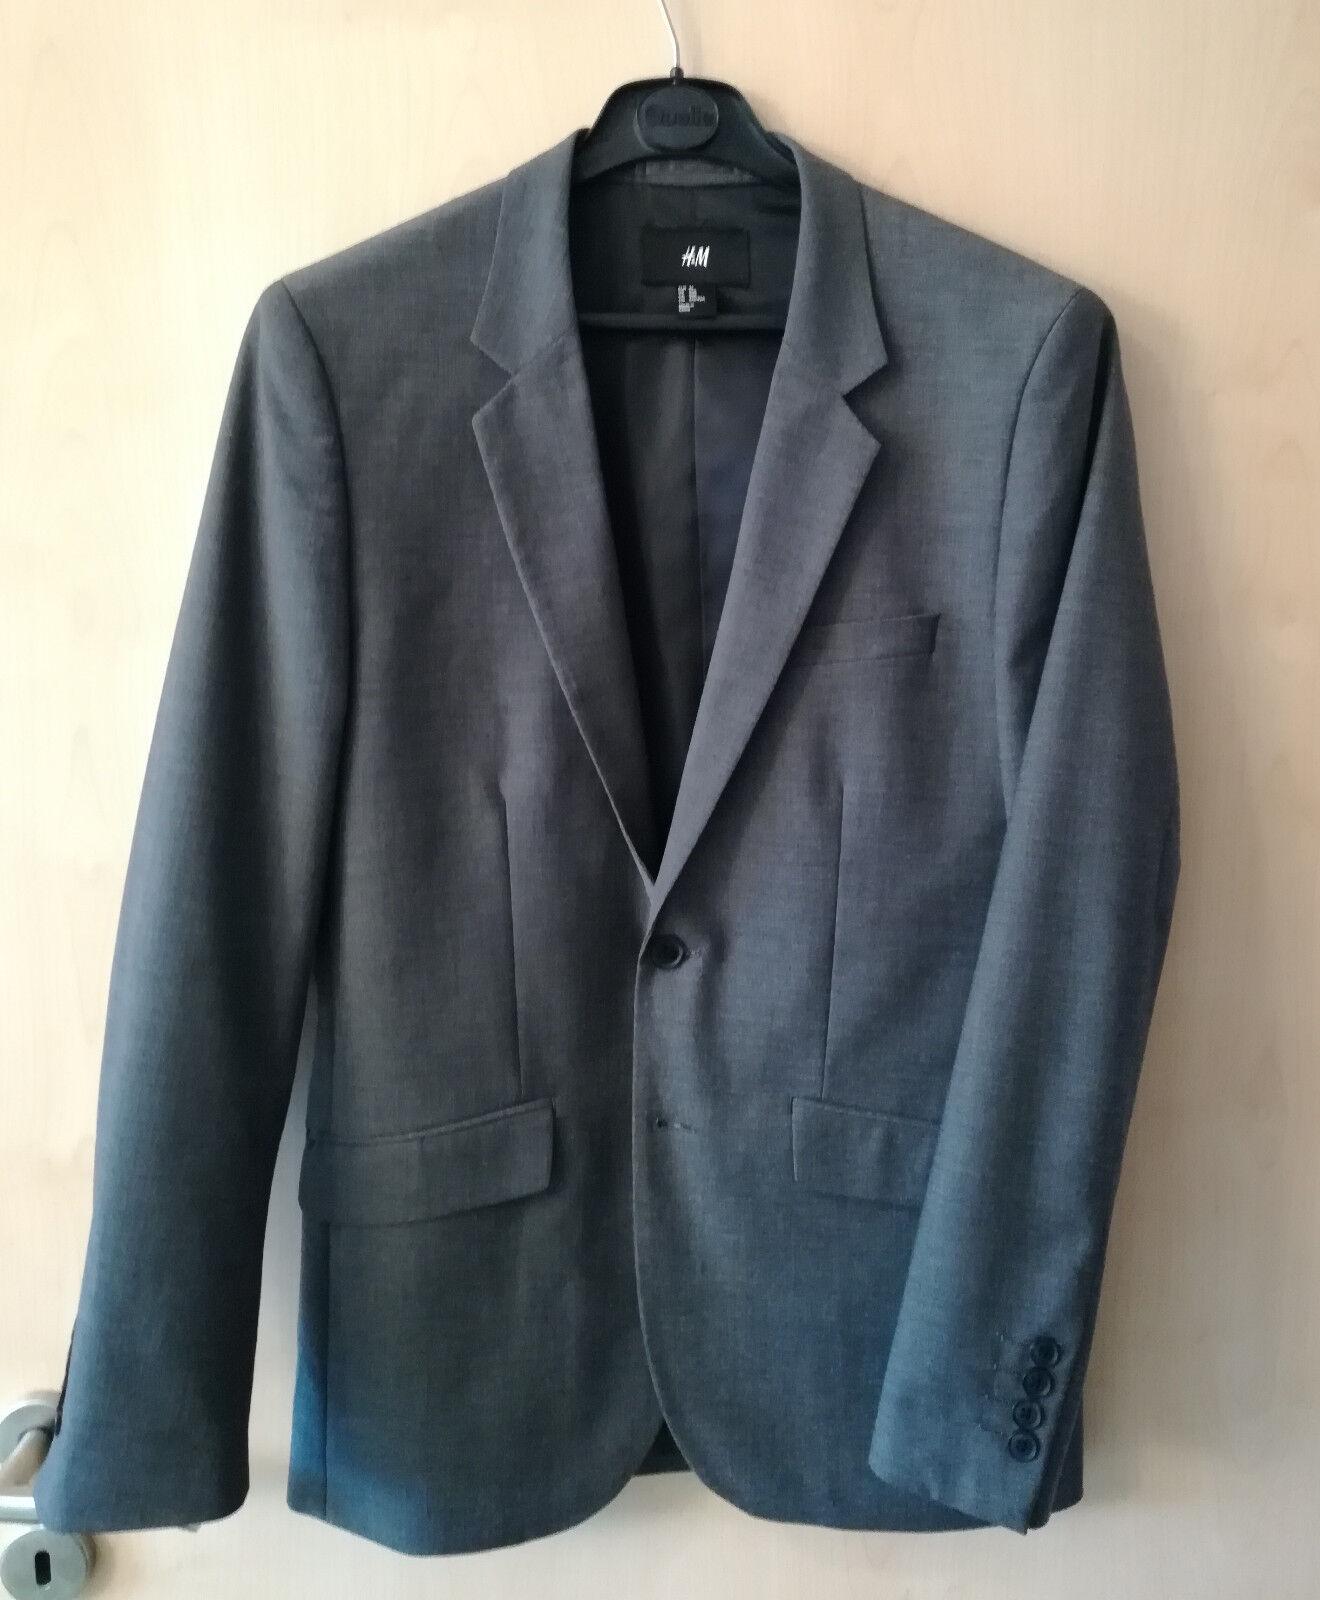 H&M Herren Anzug, Slim Fit, grau, Größe 46. Zustand WIE NEU